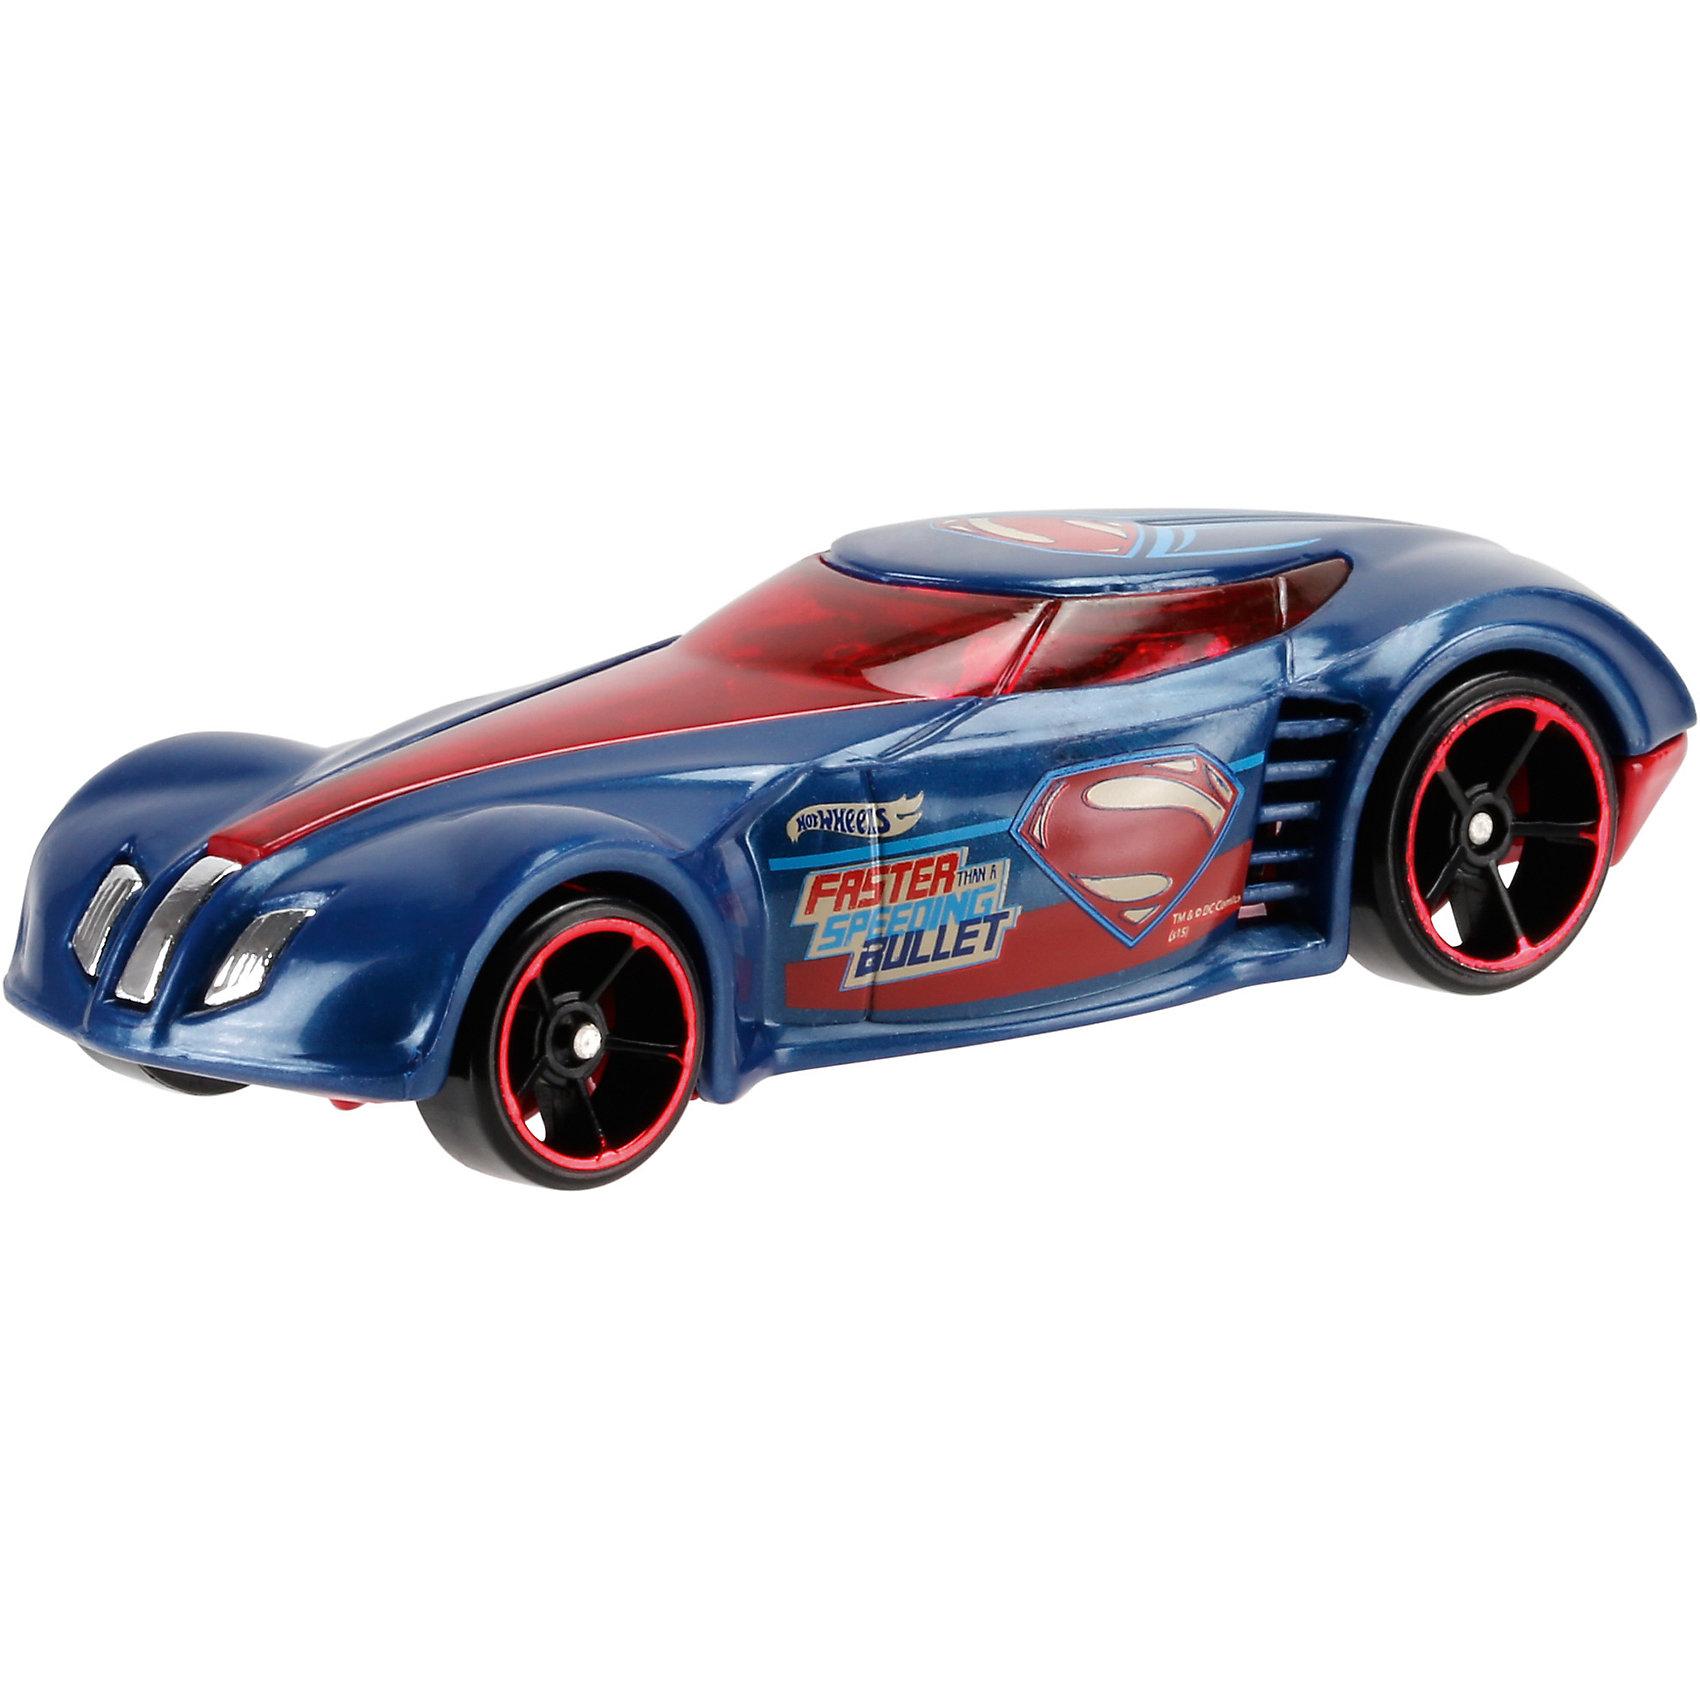 Машинка Бэтмен против Супермена, Hot WheelsОтличный подарок для любителей комиксов Marvel про супергероев - машинки от Hot Wheels. Машинка представляет собой модель, вдохновленную новым фильмом Бэтмен против Супермена: На заре справедливости. Из машинок в масштабе 1:64 можно собрать коллекцию! Игрушка выполнена так, что с виду она кажется точной копией настоящей машины супергероя благодаря внимательному отношению к деталям. Колесики машинки вращаются.<br>Игрушка имеет такой размер, при котором ребенку удобно держать её в руках, а также брать с собой в гости или на прогулку. Такие игрушки помогают развить мелкую моторику, логическое мышление и воображение ребенка. Эта игрушка выполнена из высококачественного прочного пластика, безопасного для детей.<br>  <br>Дополнительная информация:<br><br>масштаб: 1:64; <br>размер упаковки: 35 х 110 х 165 мм; <br>цвет: разноцветный;<br>материал: пластик., металл;<br>вес: 58 г.<br><br>Машинку Бэтмен против Супермена, Hot Wheels от компании Mattel можно купить в нашем магазине.<br><br>Ширина мм: 35<br>Глубина мм: 110<br>Высота мм: 165<br>Вес г: 58<br>Возраст от месяцев: 48<br>Возраст до месяцев: 84<br>Пол: Мужской<br>Возраст: Детский<br>SKU: 4791168